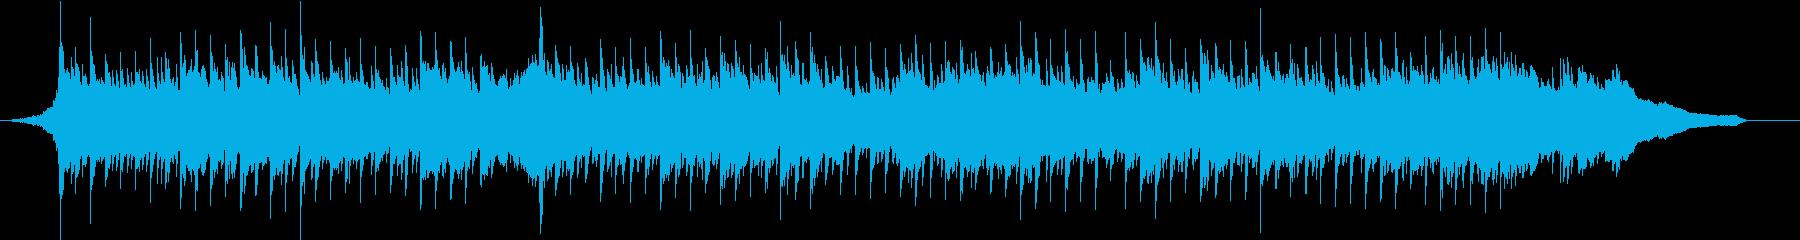 企業VP系83、シンプル、シンセ、爽快bの再生済みの波形